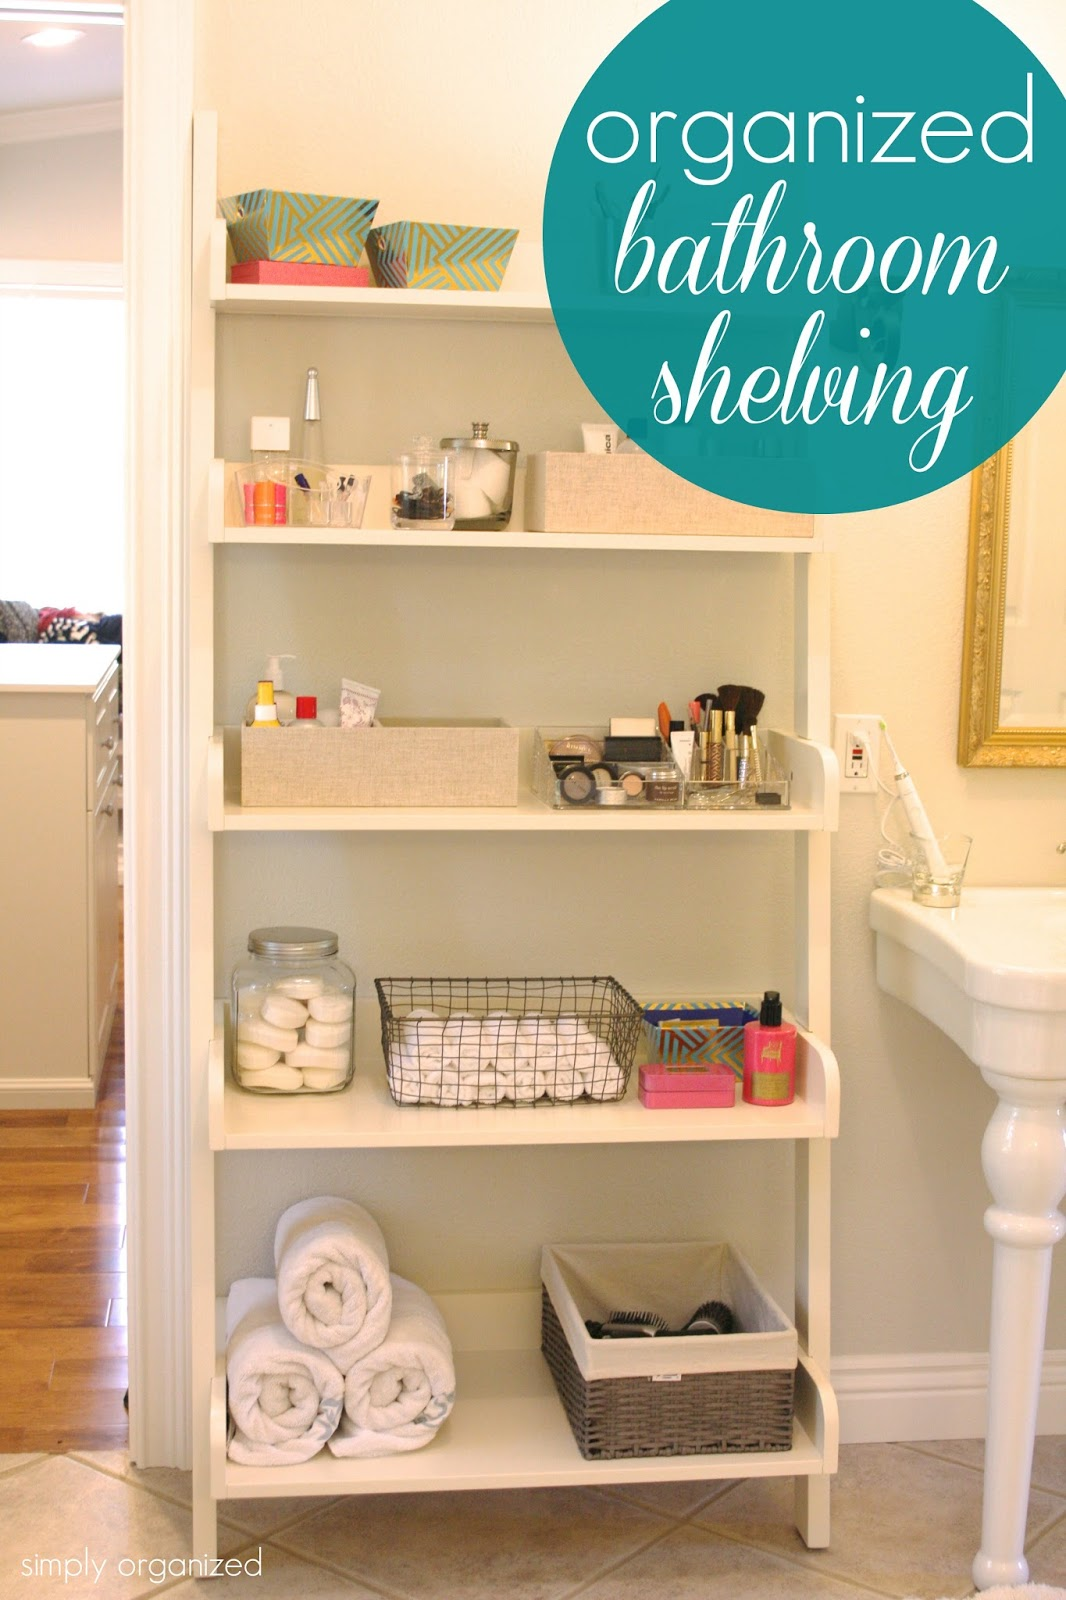 Organized Bathroom organized bathr...